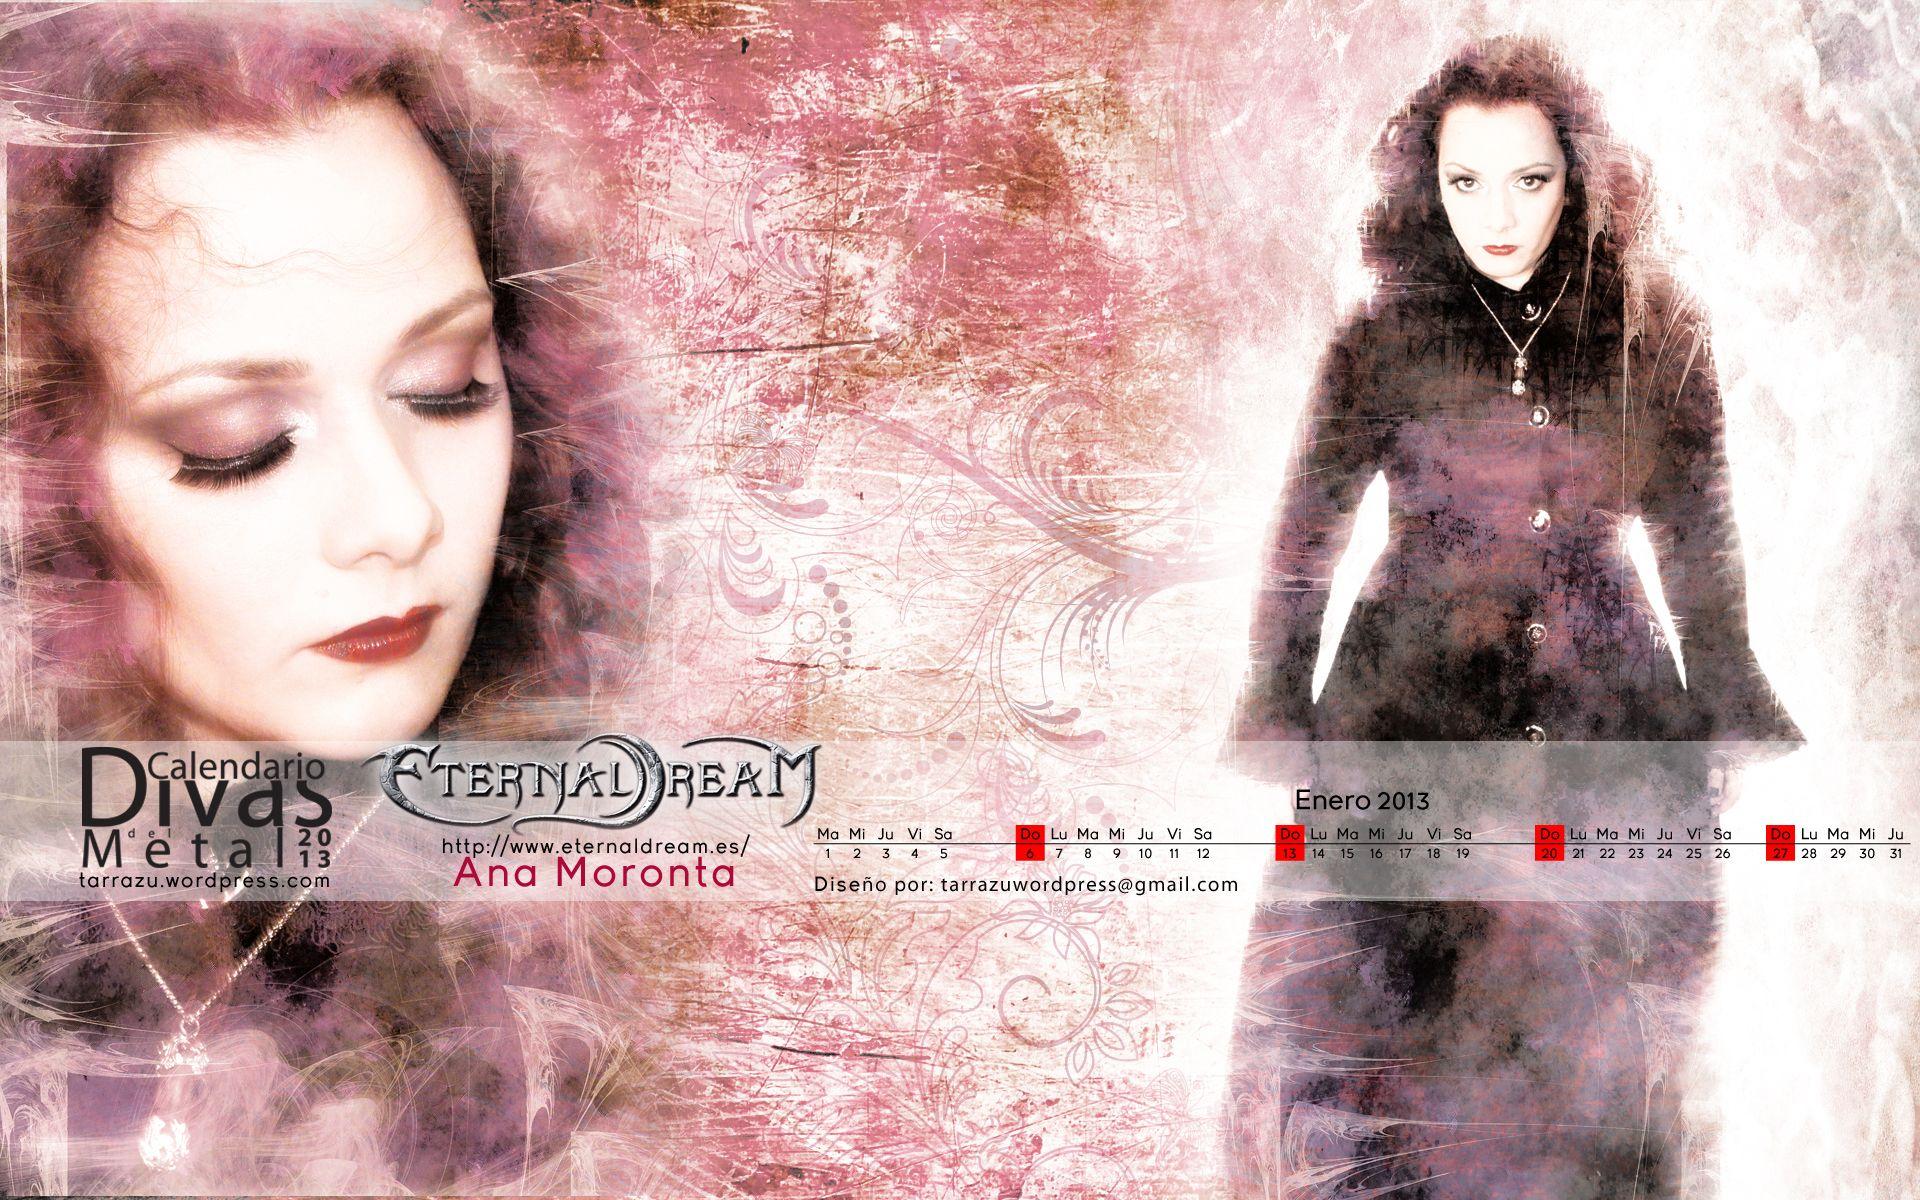 ENERO/JANUARY: Ana Moronta (Eternal Dream)